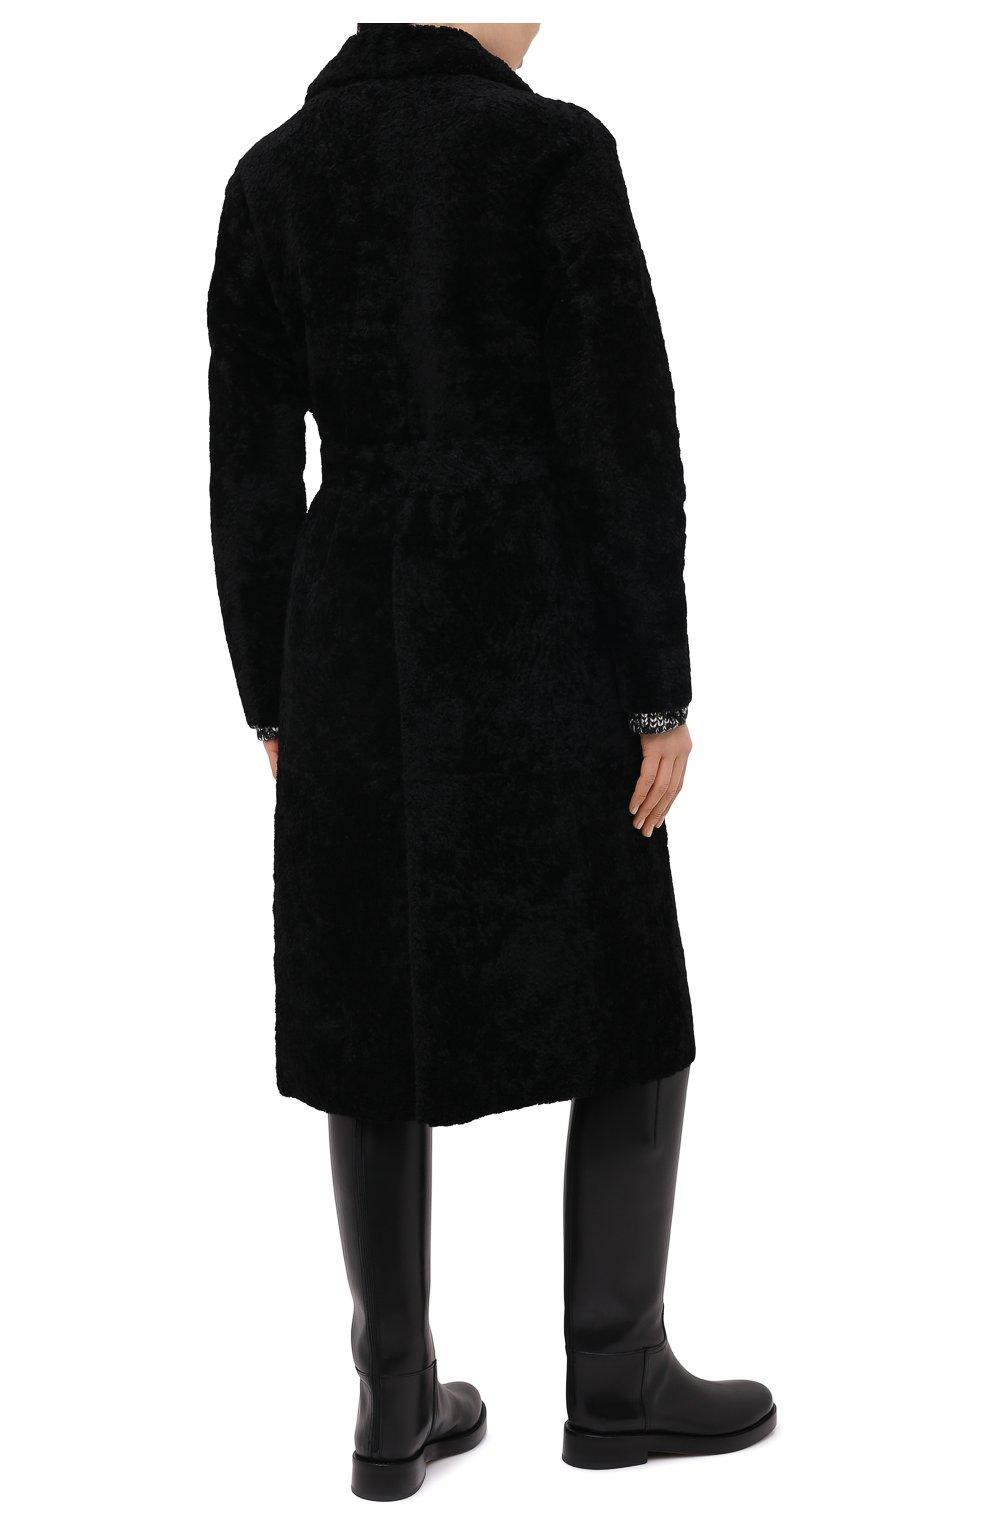 Женская шуба из овчины ANNE VEST черного цвета, арт. AW20/01/202/01/CL0E   Фото 4 (Женское Кросс-КТ: Мех; Рукава: Длинные; Материал внешний: Натуральный мех; Длина (верхняя одежда): Длинные; Стили: Кэжуэл)